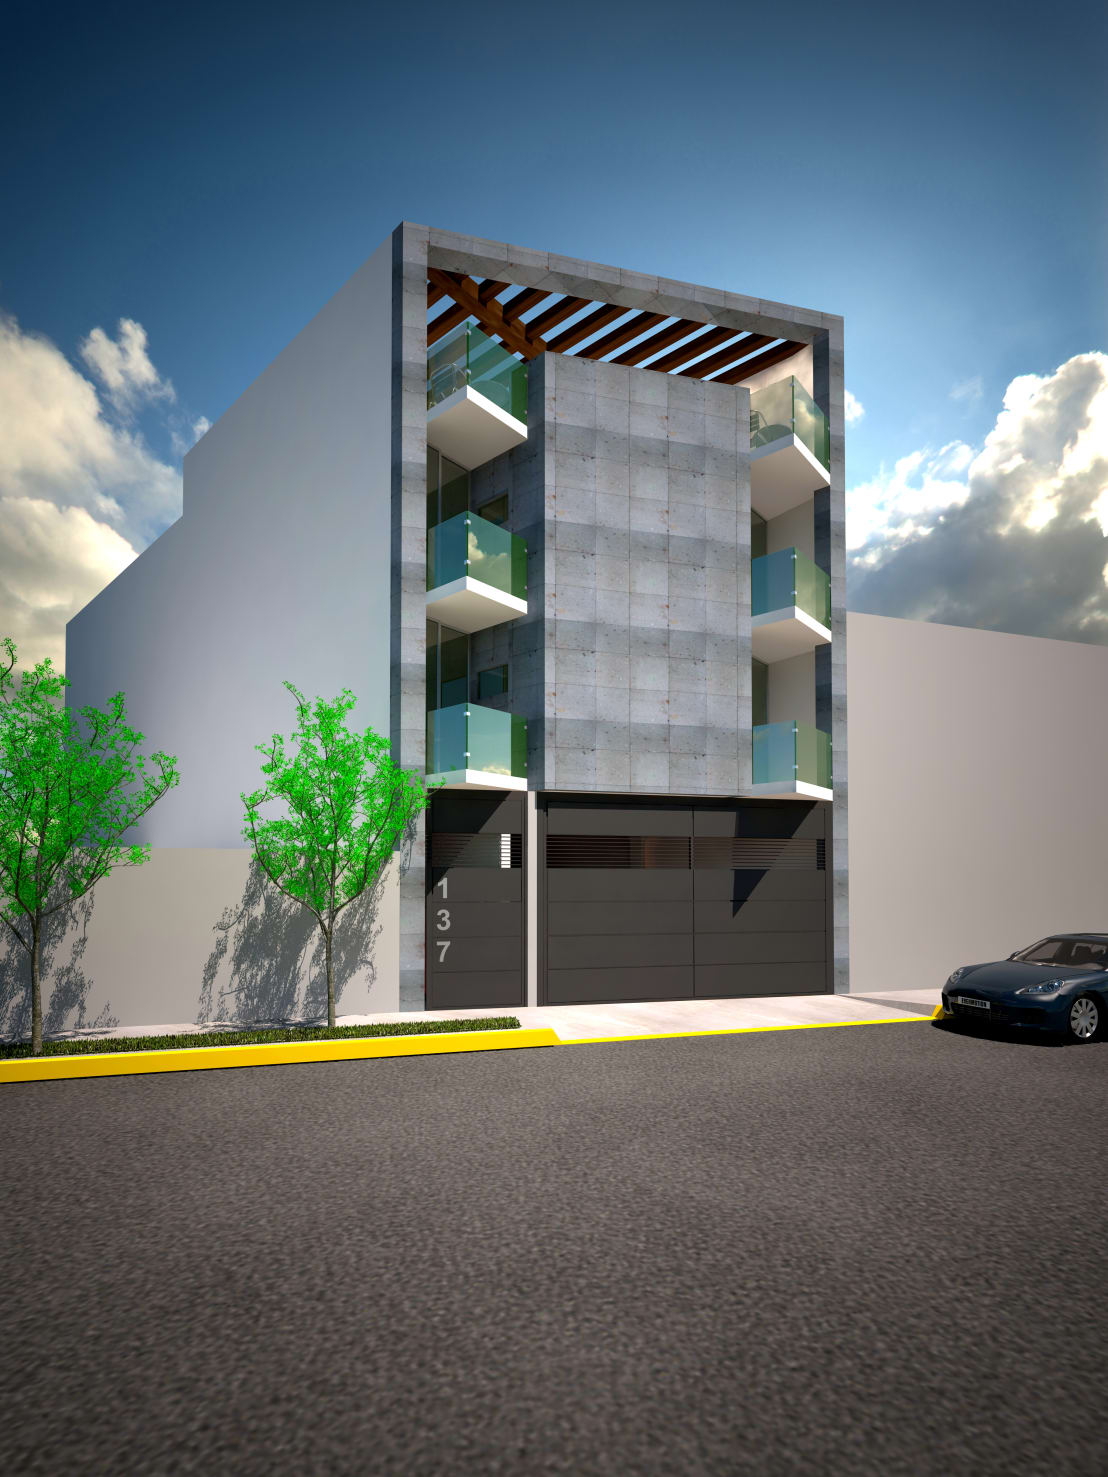 Edificio de departamentos de bta dise o y construccion for Edificios modernos de departamentos